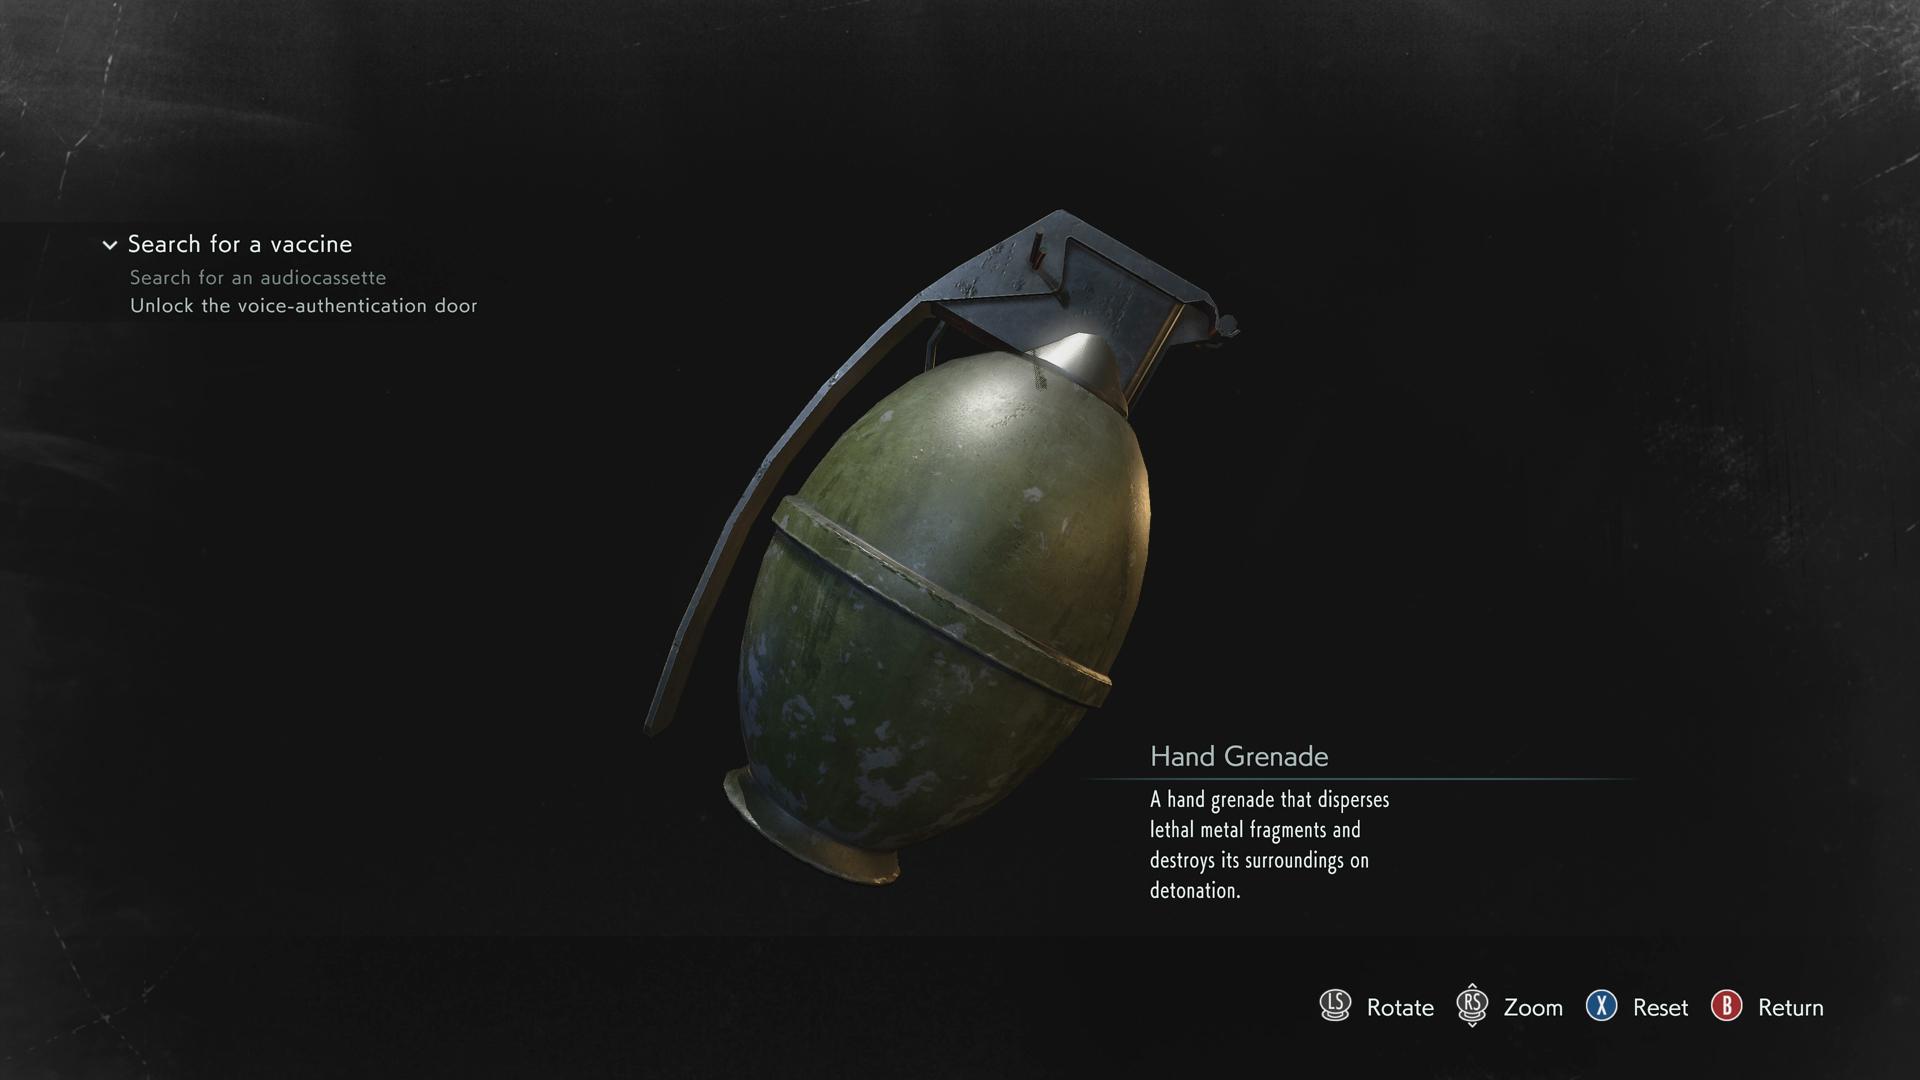 Resident Evil 3 Hand Grenade